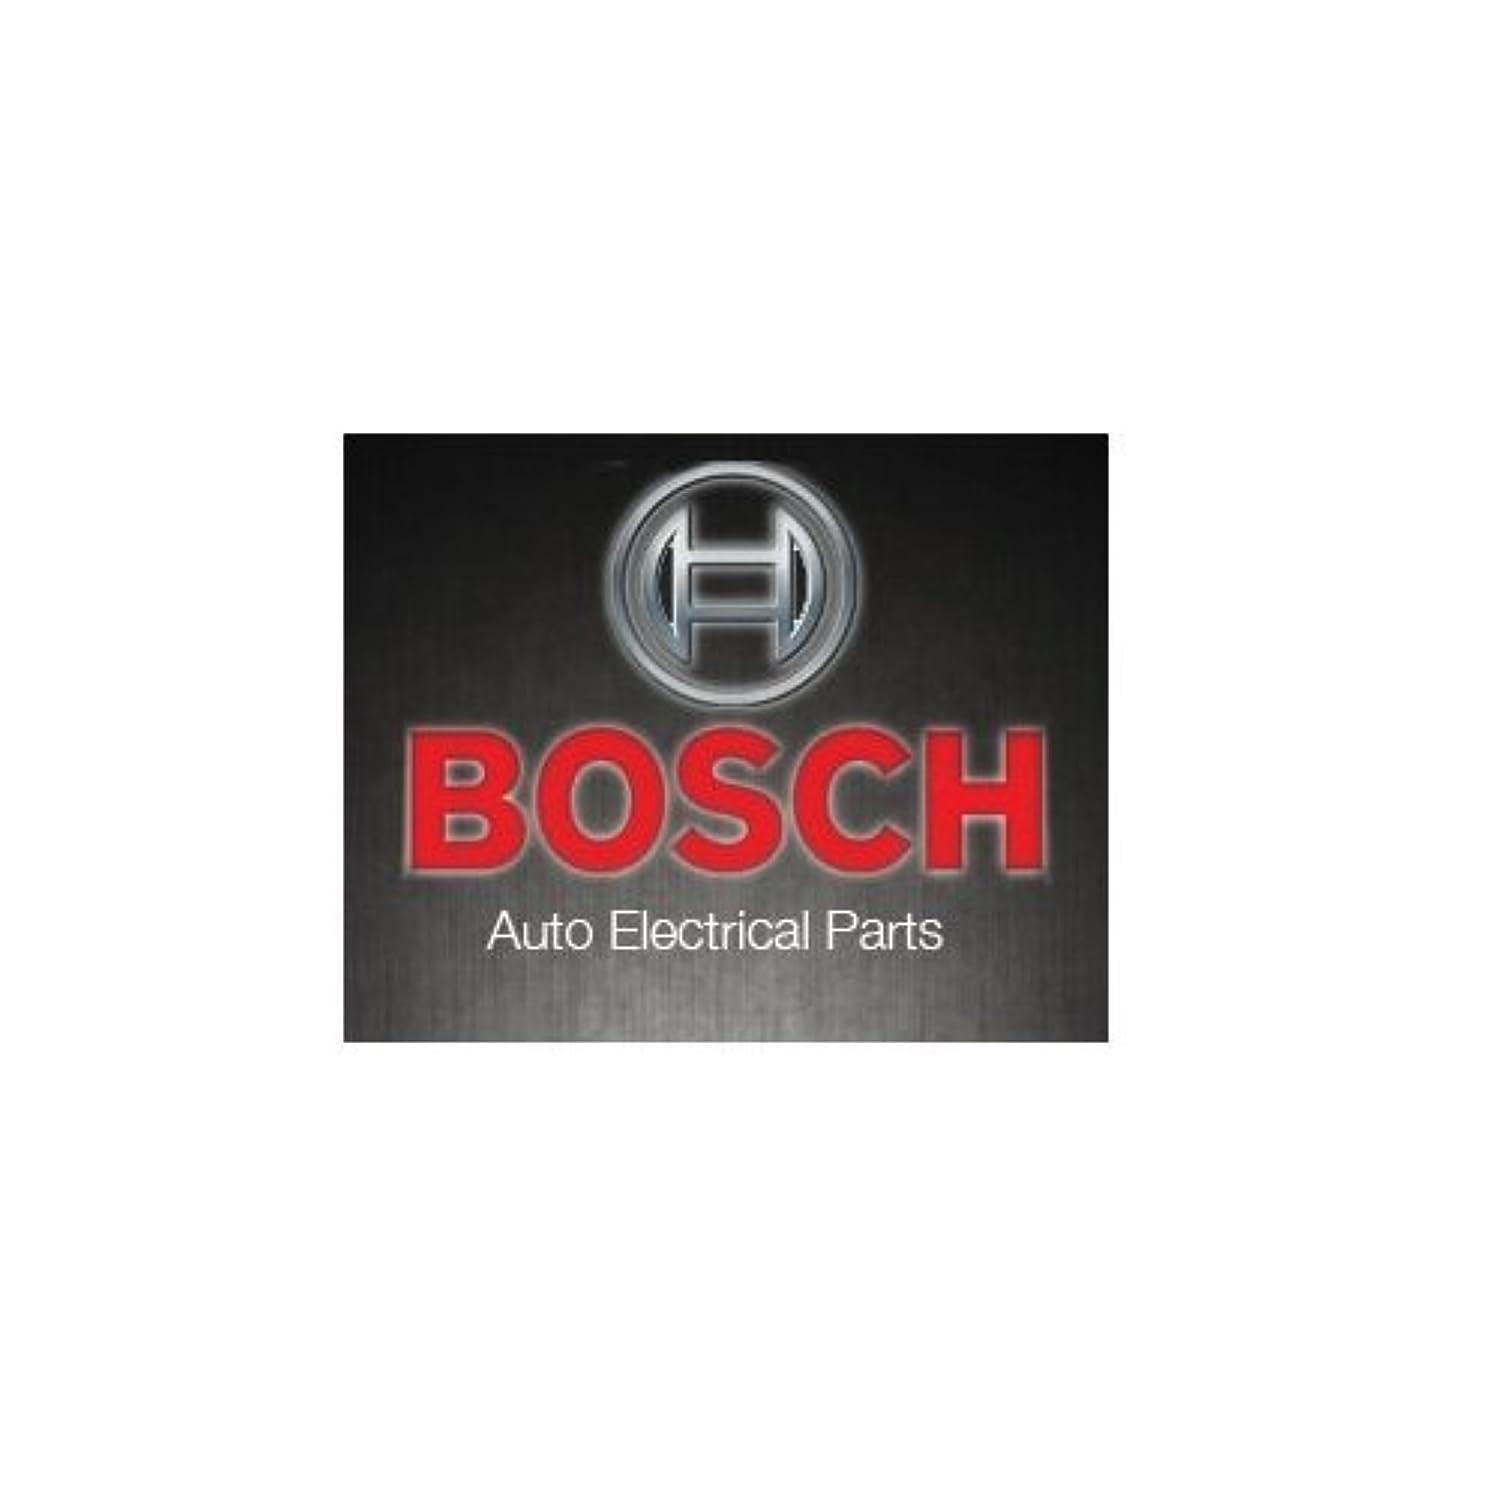 Bosch 1004336405 Brush Holder